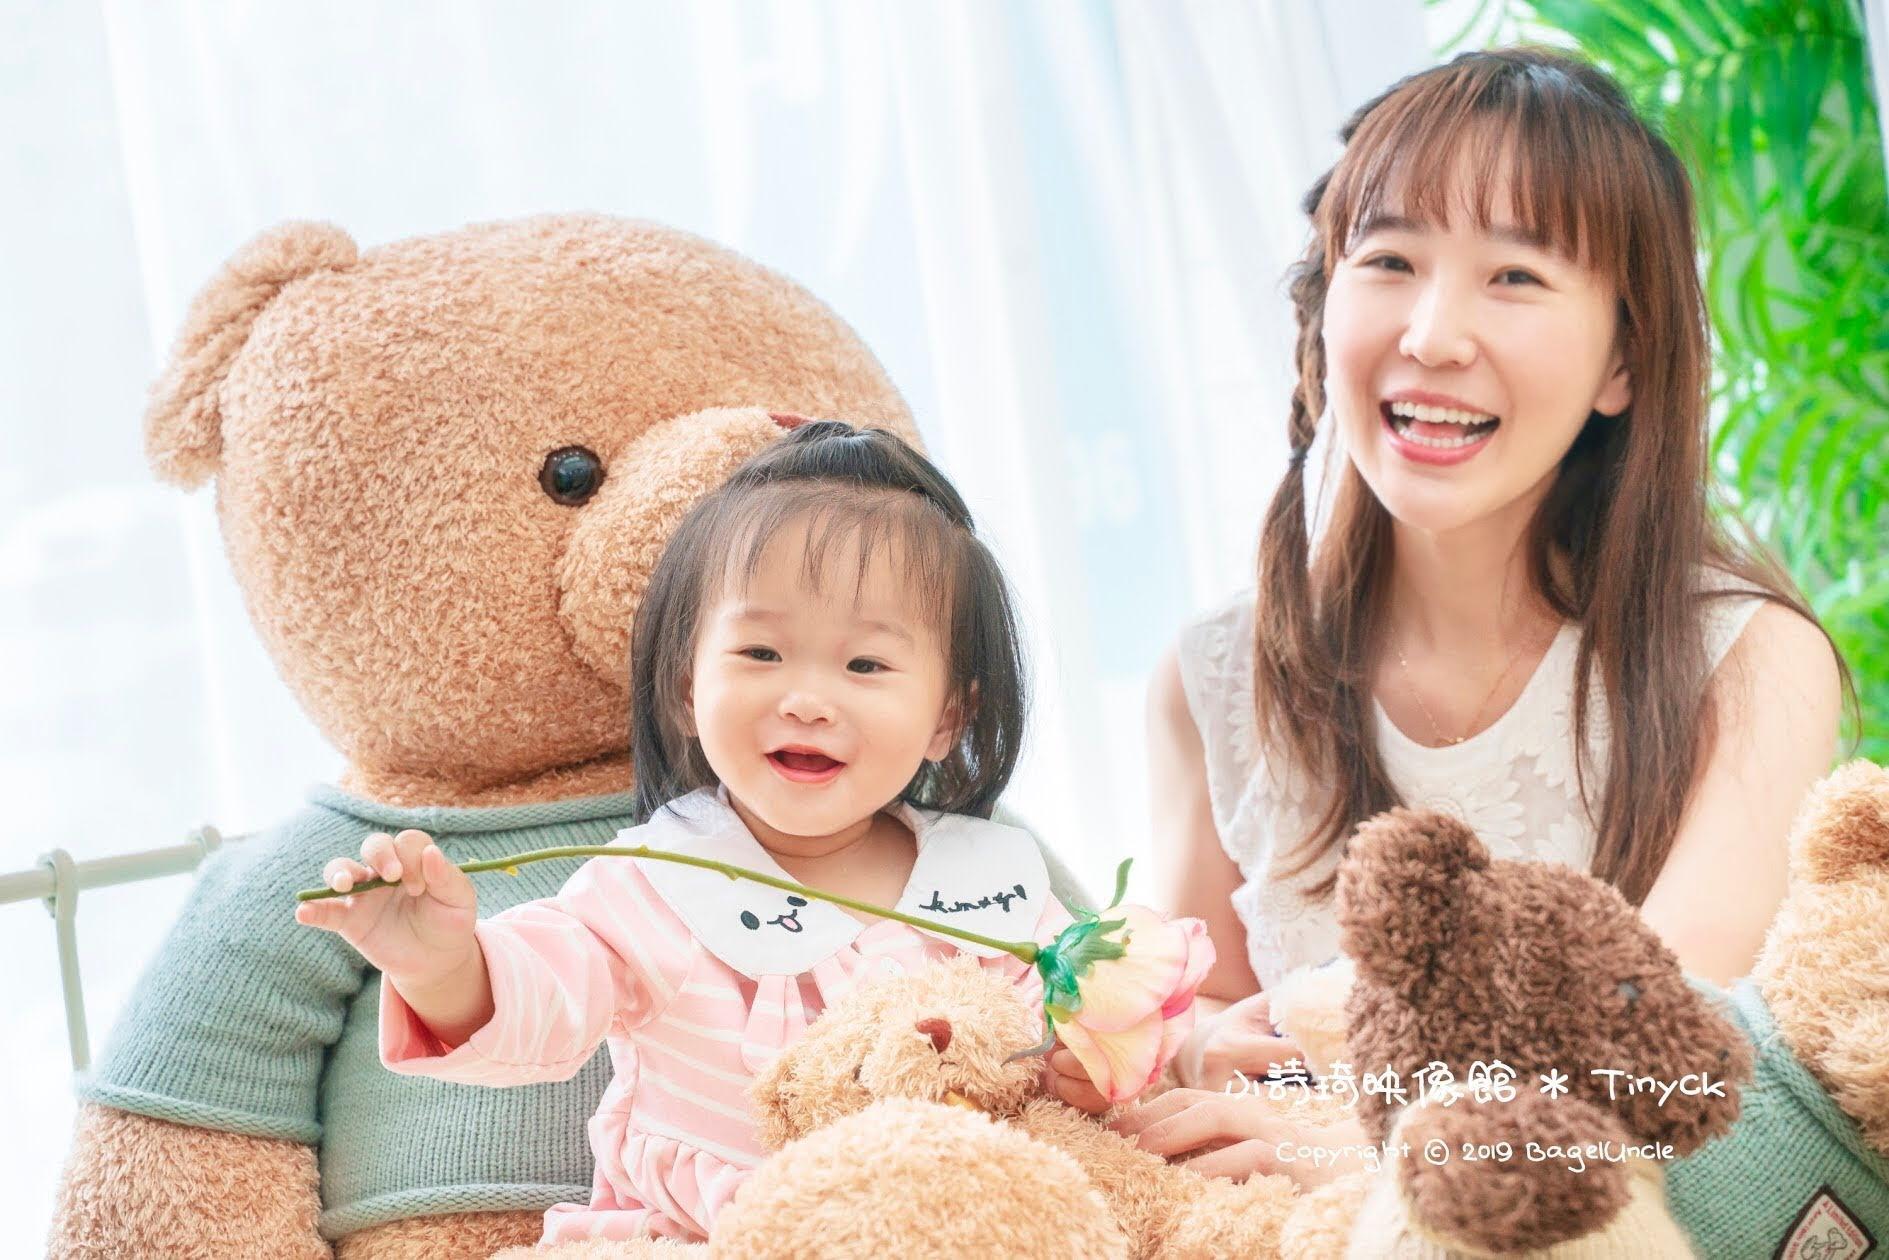 【育兒】小詩琦映像館 台北親子寫真推薦 柔和細膩的風格記錄與孩子的暖心時刻